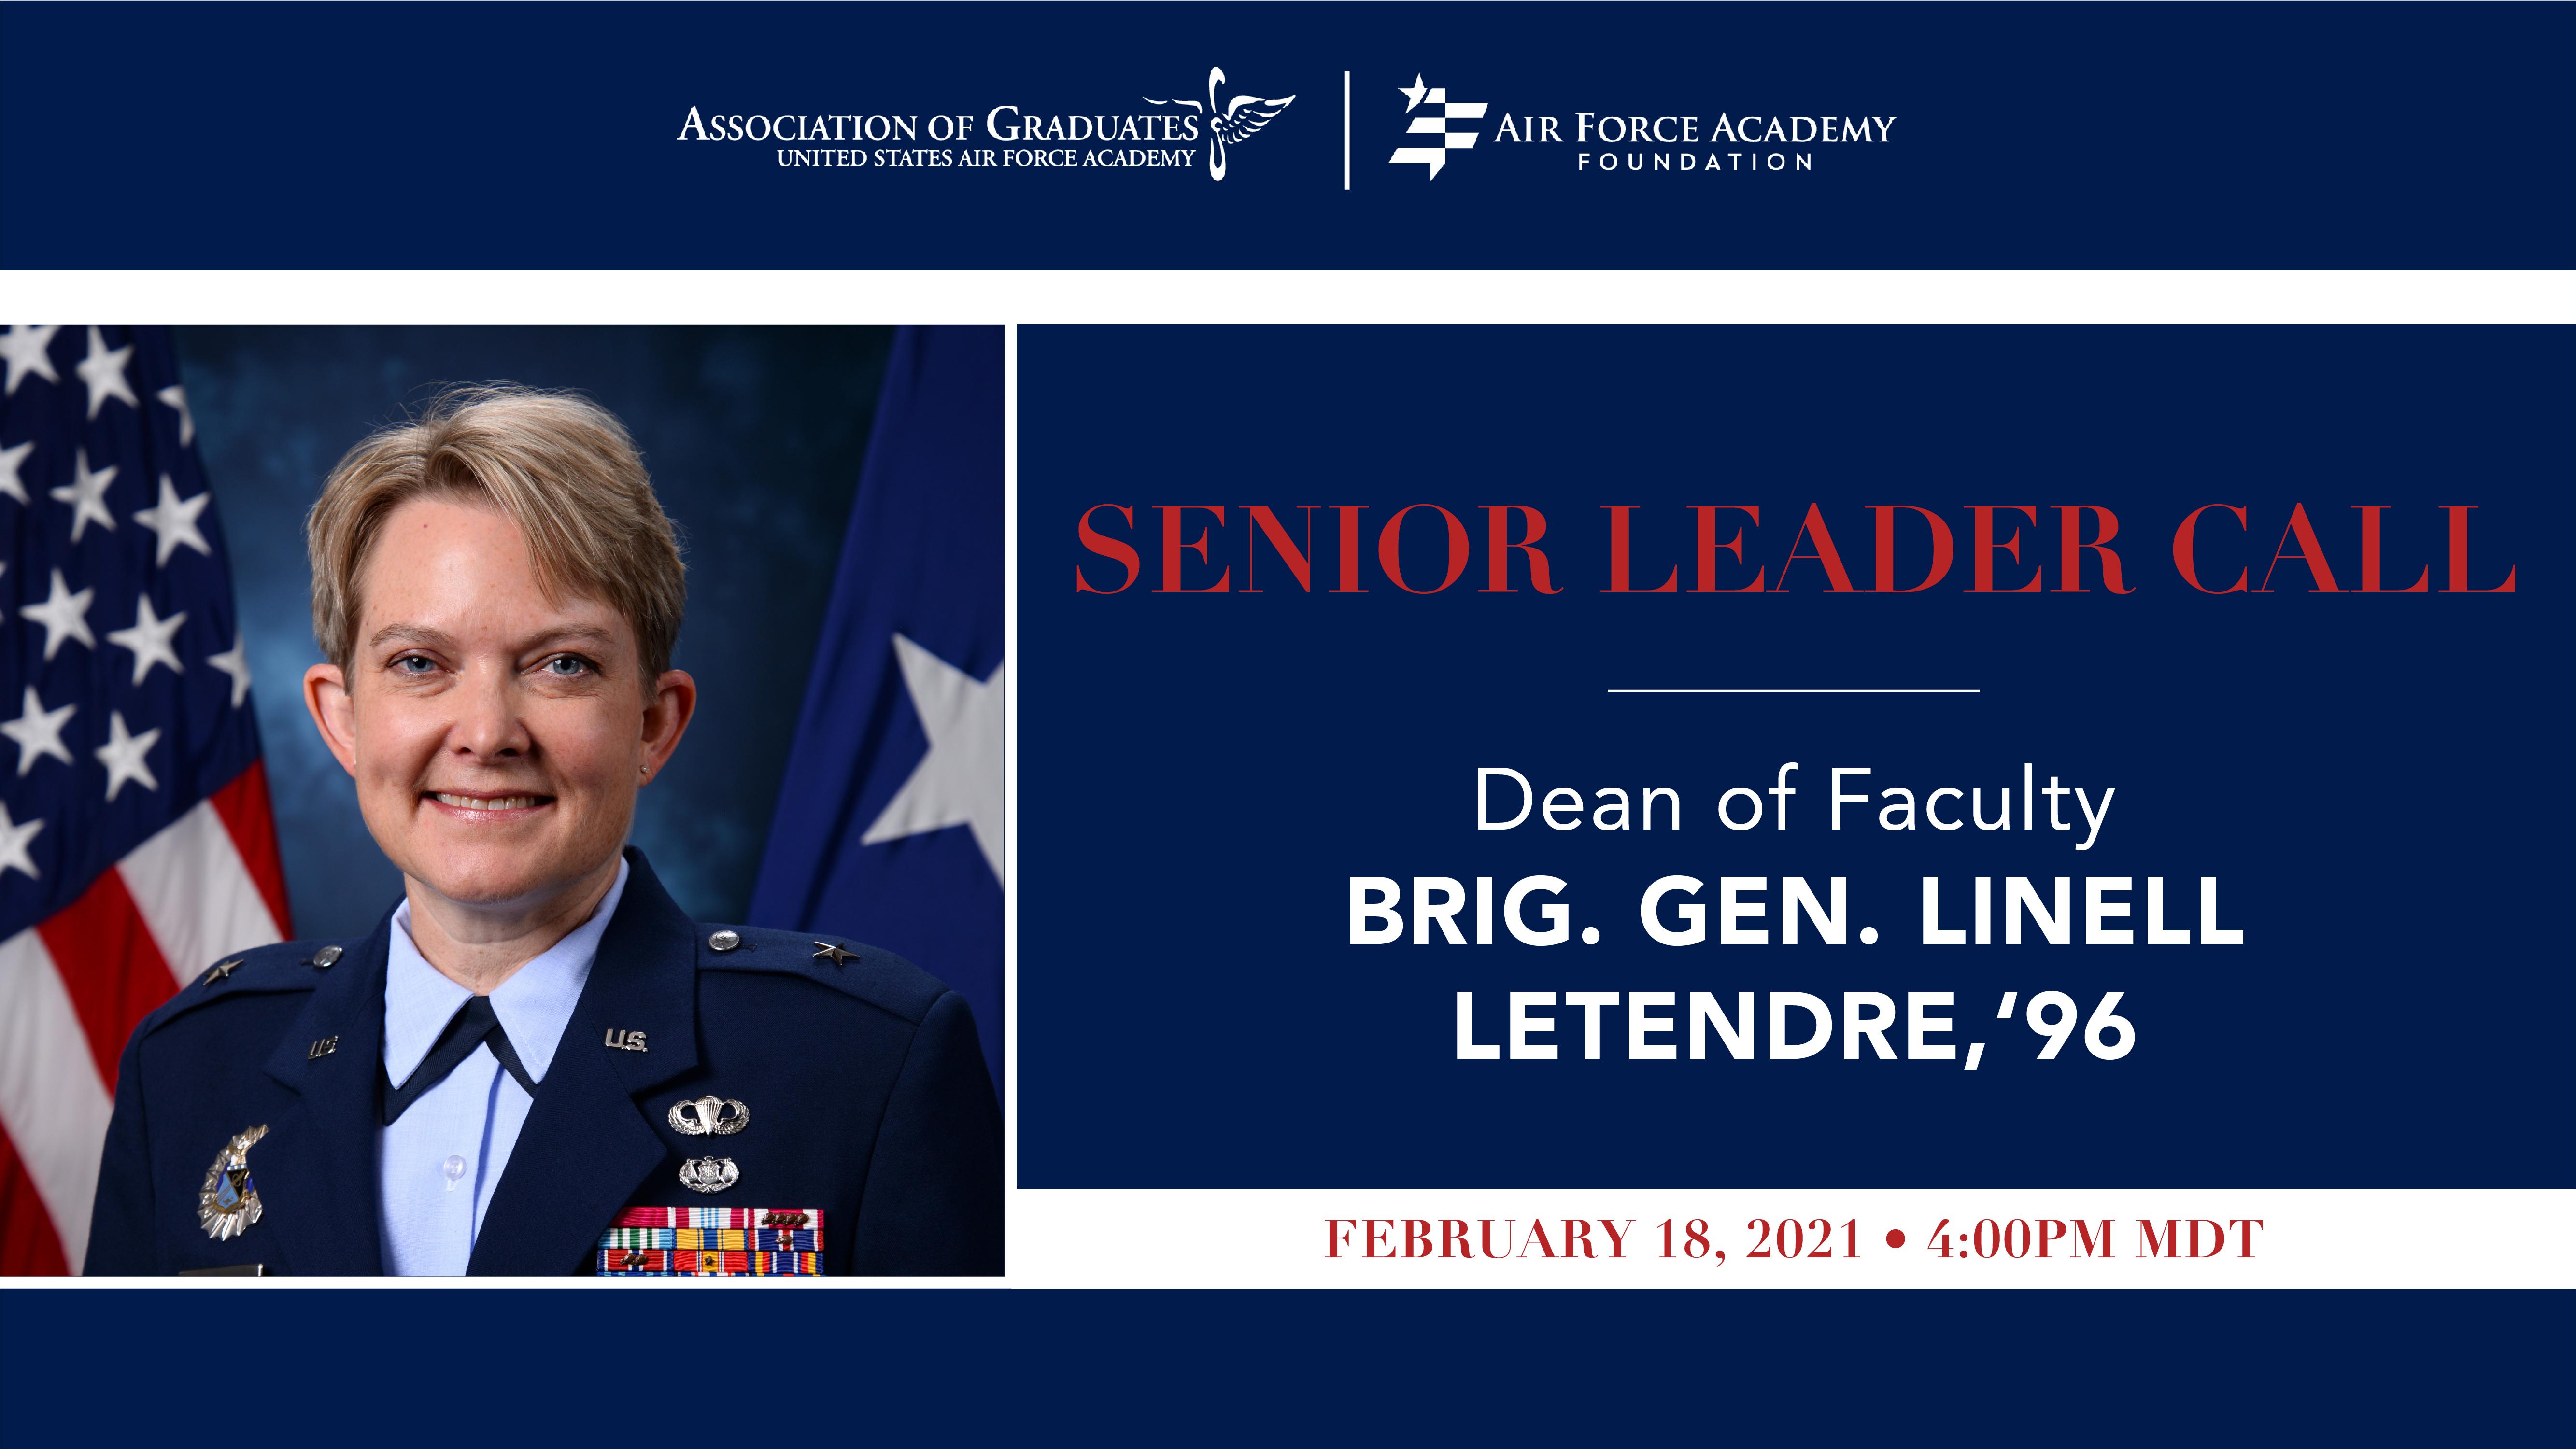 Image for Brig. Gen. Linell Letendre Senior Leader Call webinar